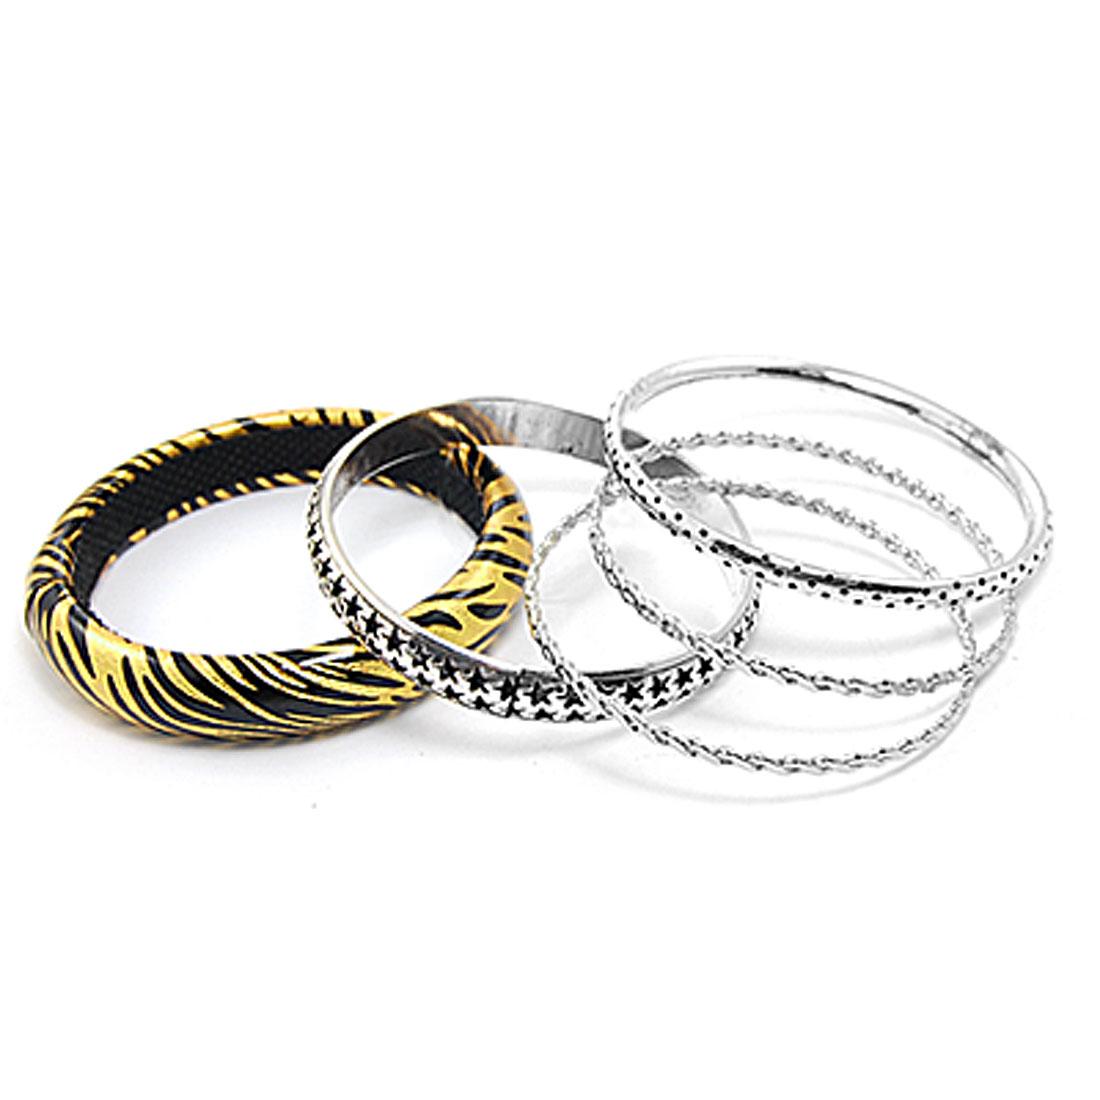 5 in 1 Zebra Pattern Metal Hoop Hollow out Star Bracelet for Lady